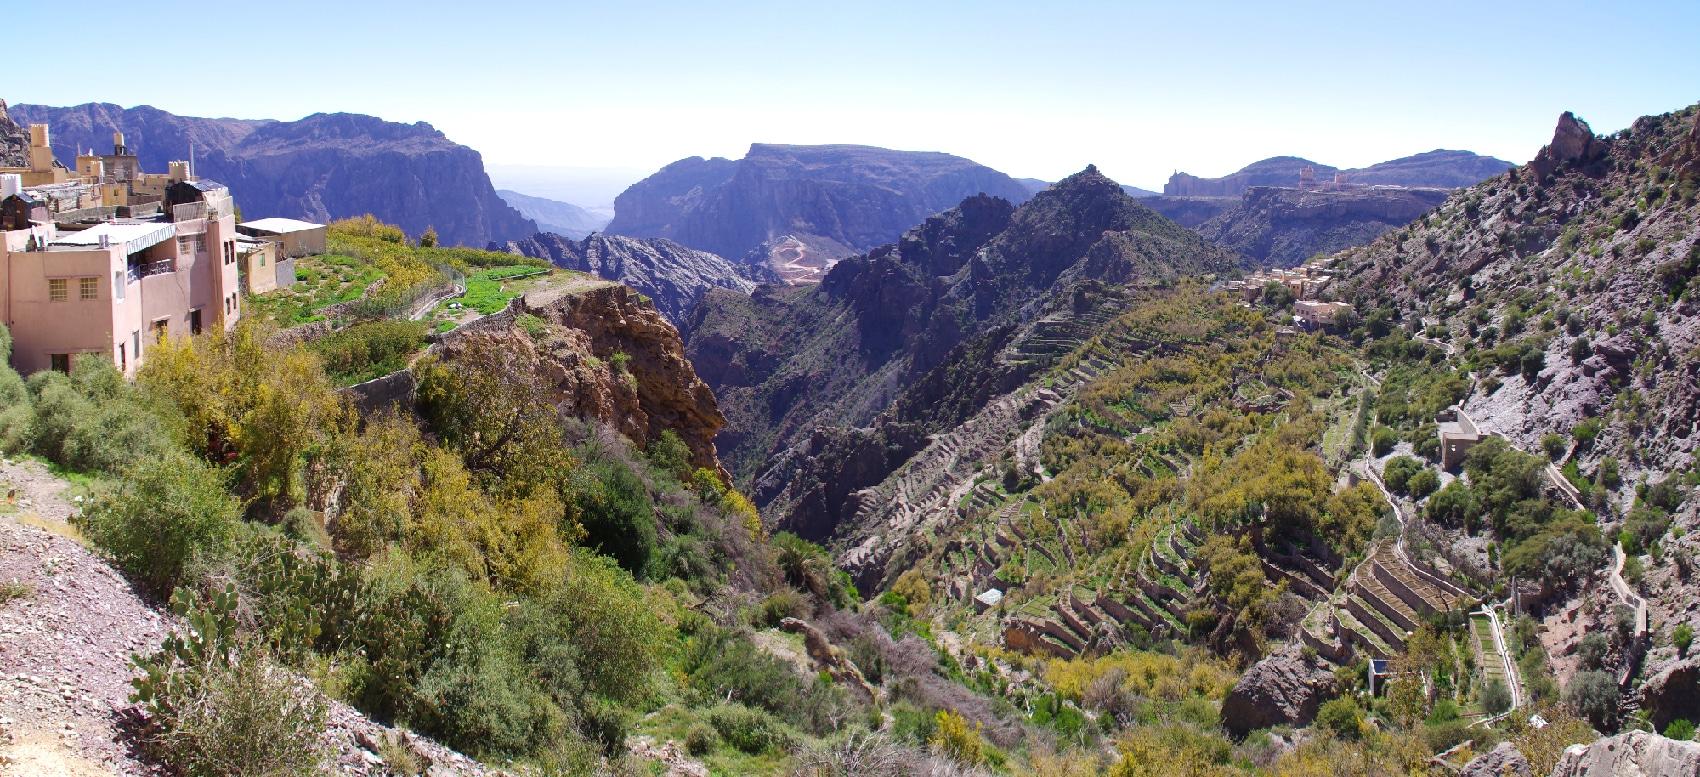 Le Djebel Akhdar à plus de 2000 m d'altitude. C'est un des vergers d'Oman.